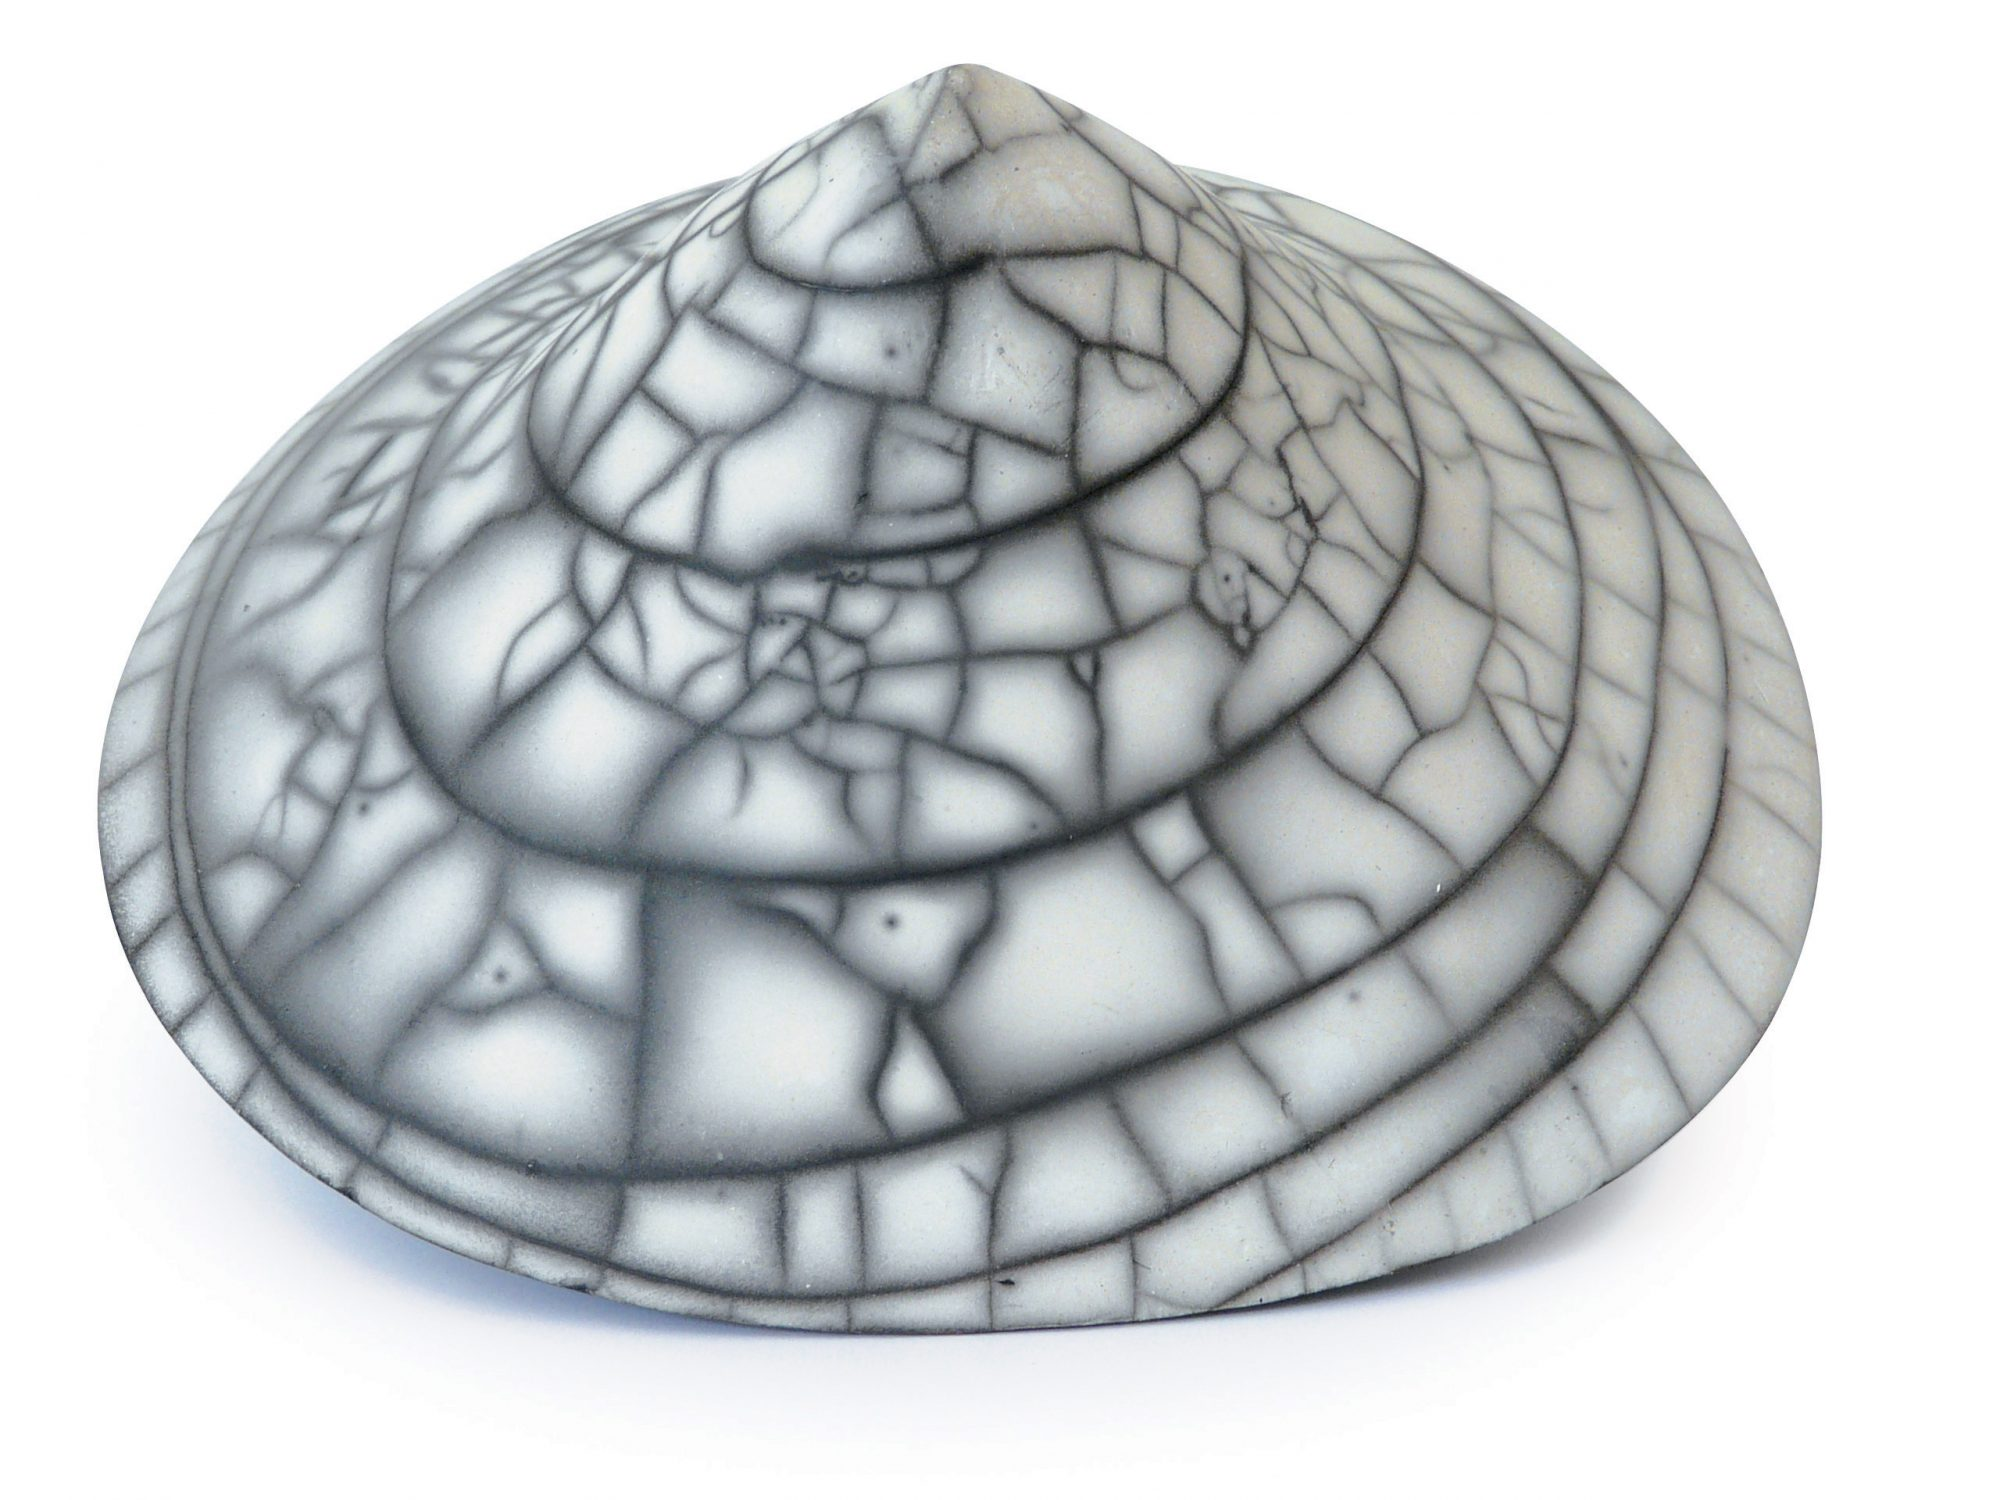 Le spirale - Grès - Raku nu - Sculptures céramique de Florence Lemiegre